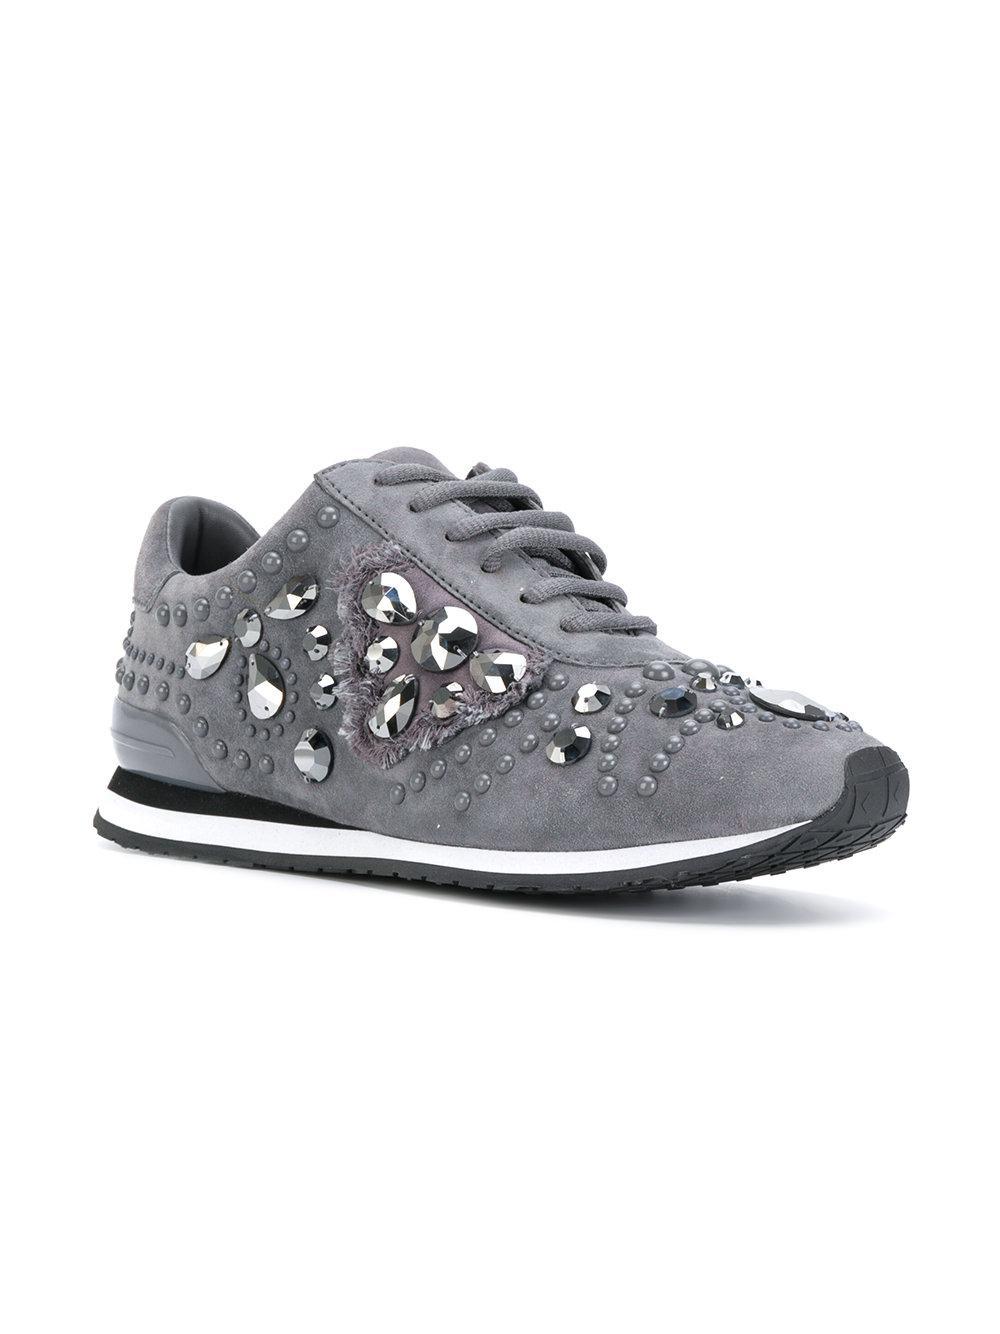 519472275bfc Lyst - Tory Burch Scarlett Sneakers in Gray